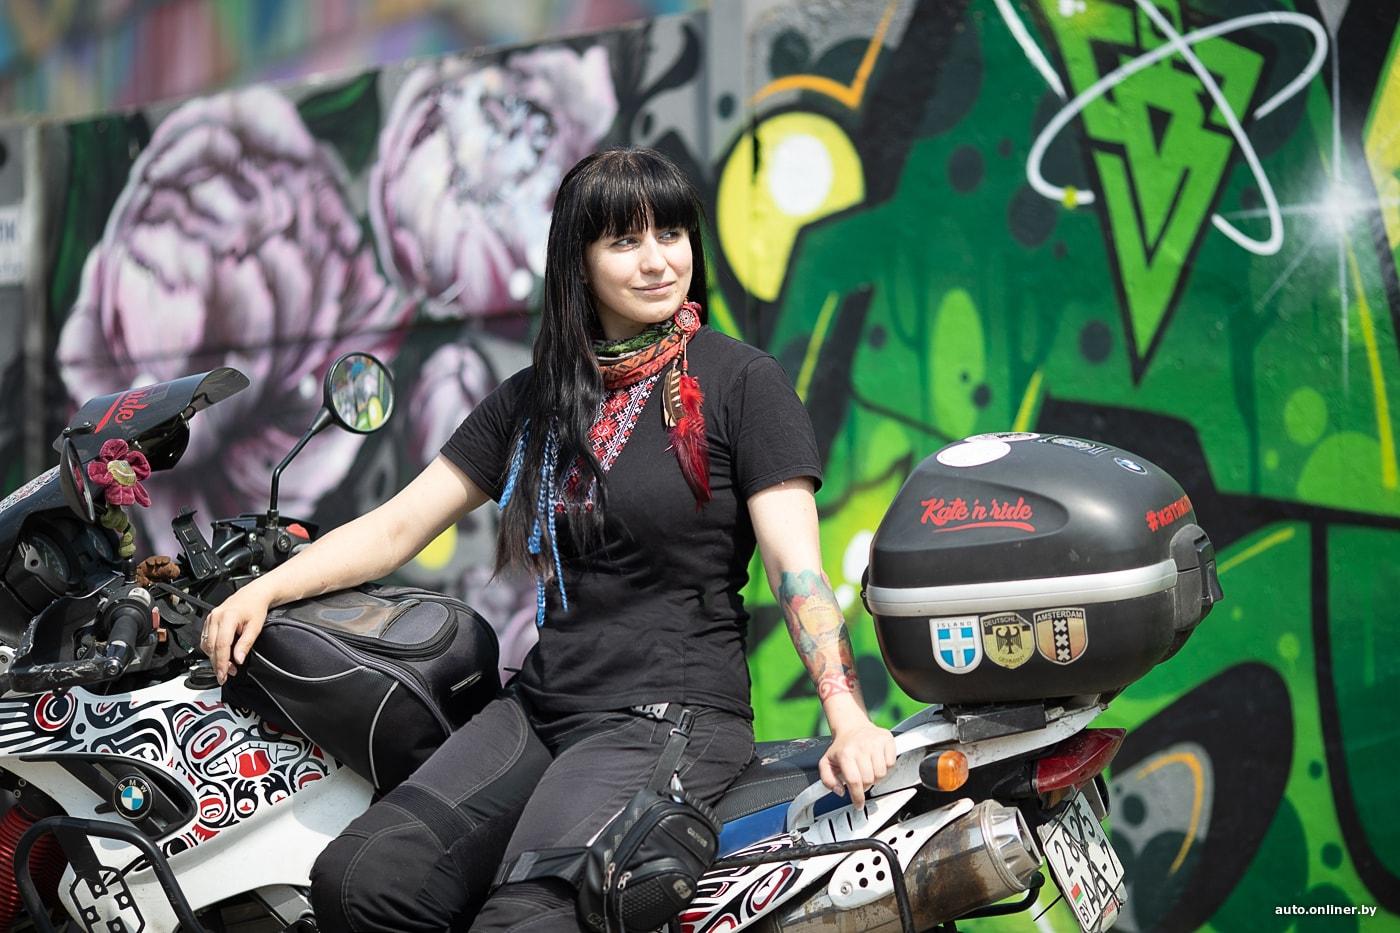 Катя катит. Минчанка первой из белорусок собирается совершить женское кругосветное путешествие на мотоцикле (25 фото)